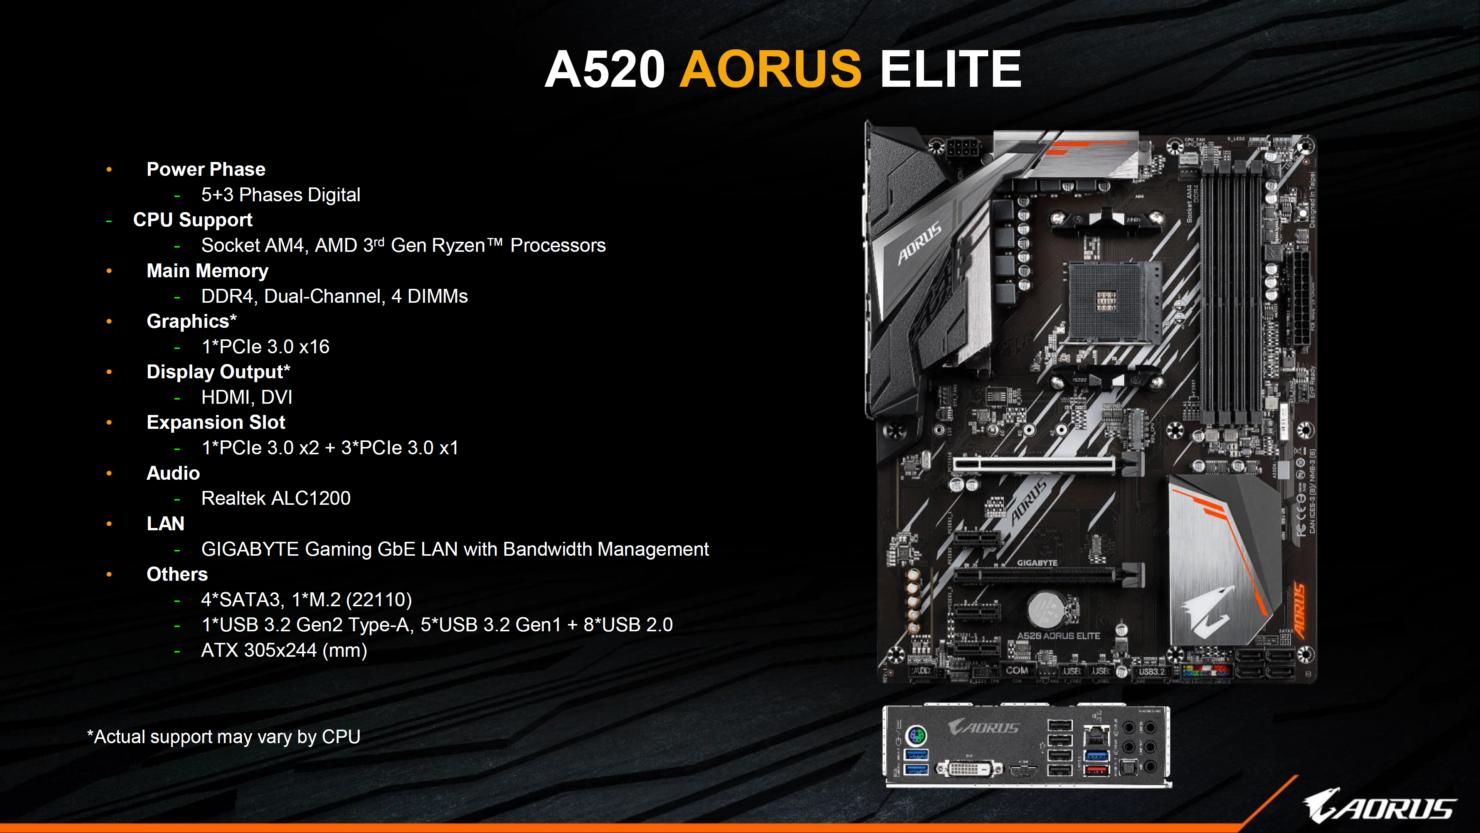 a520-aorus-elite-motherboard